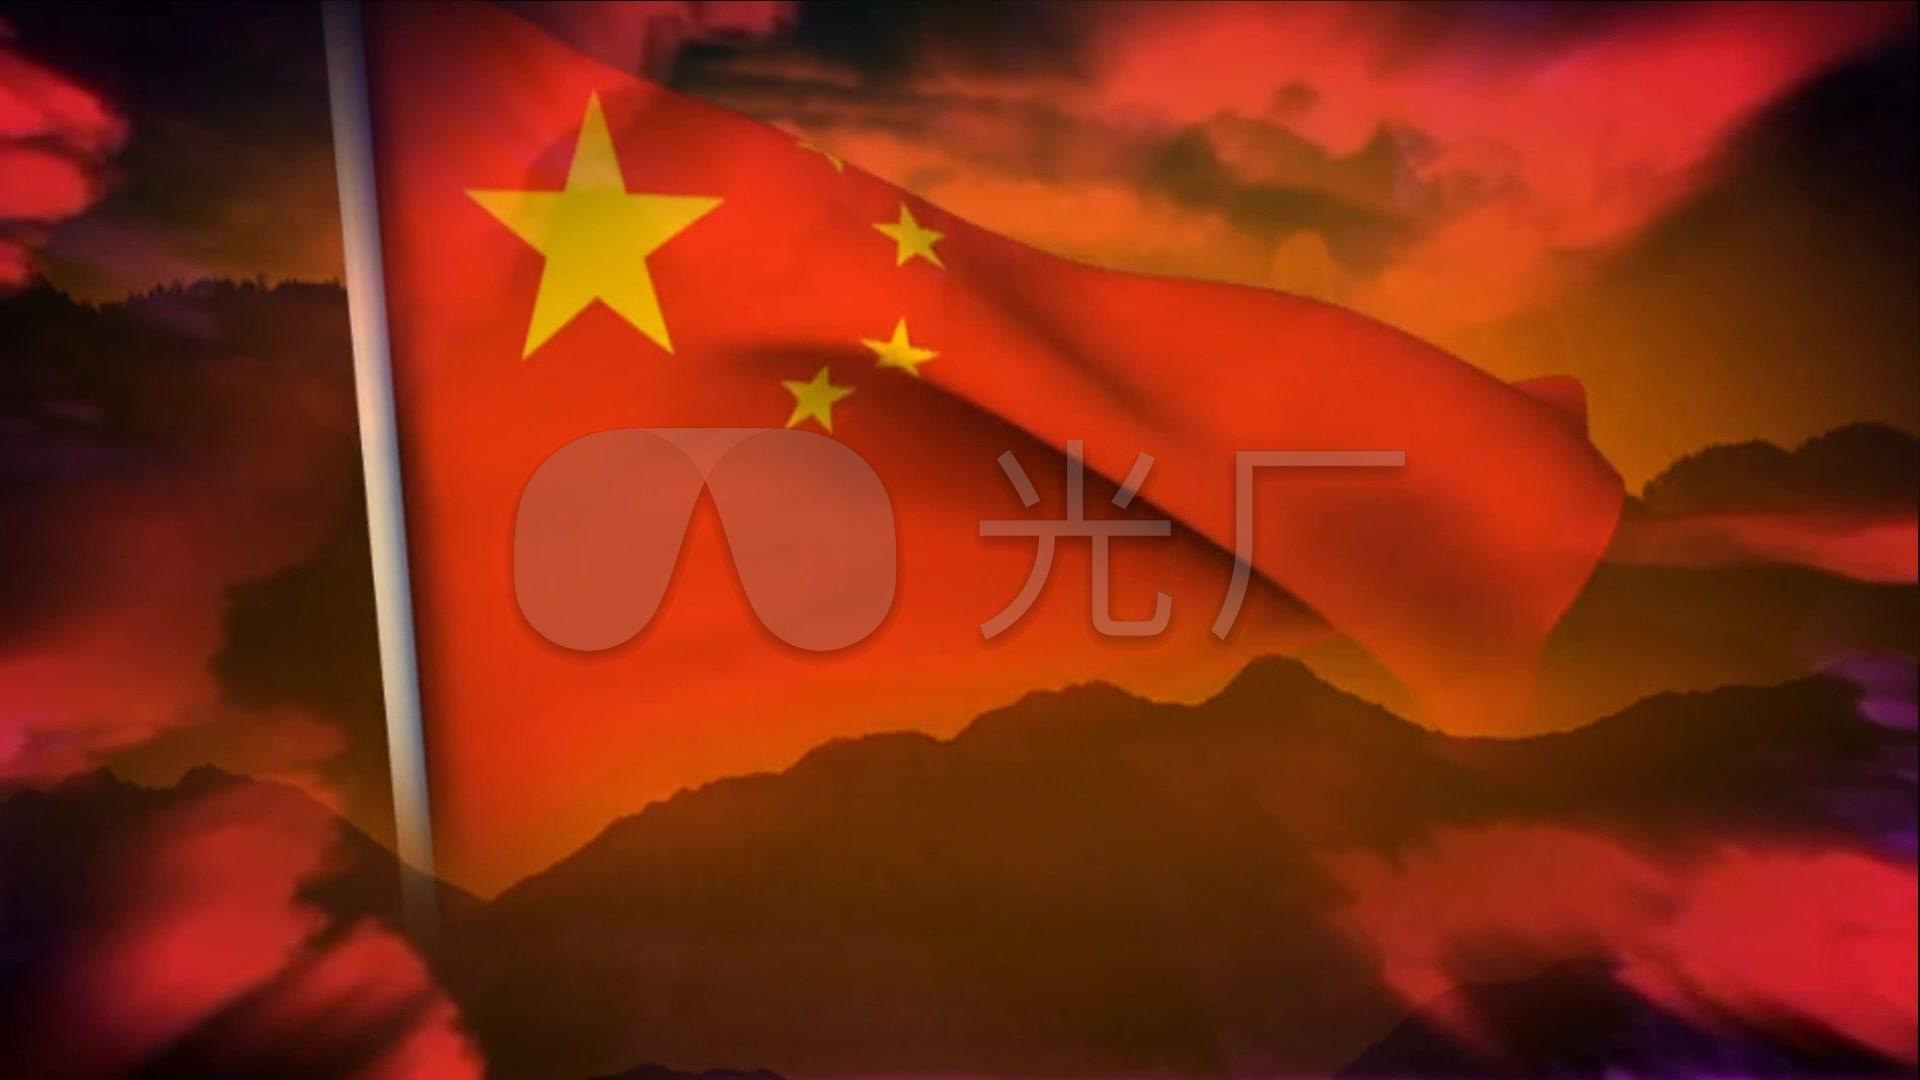 我骄傲,我是中国人韩伟配乐诗歌朗诵配乐成_1920X1080_高清视频素材下载(编号:1757201)_舞台背景